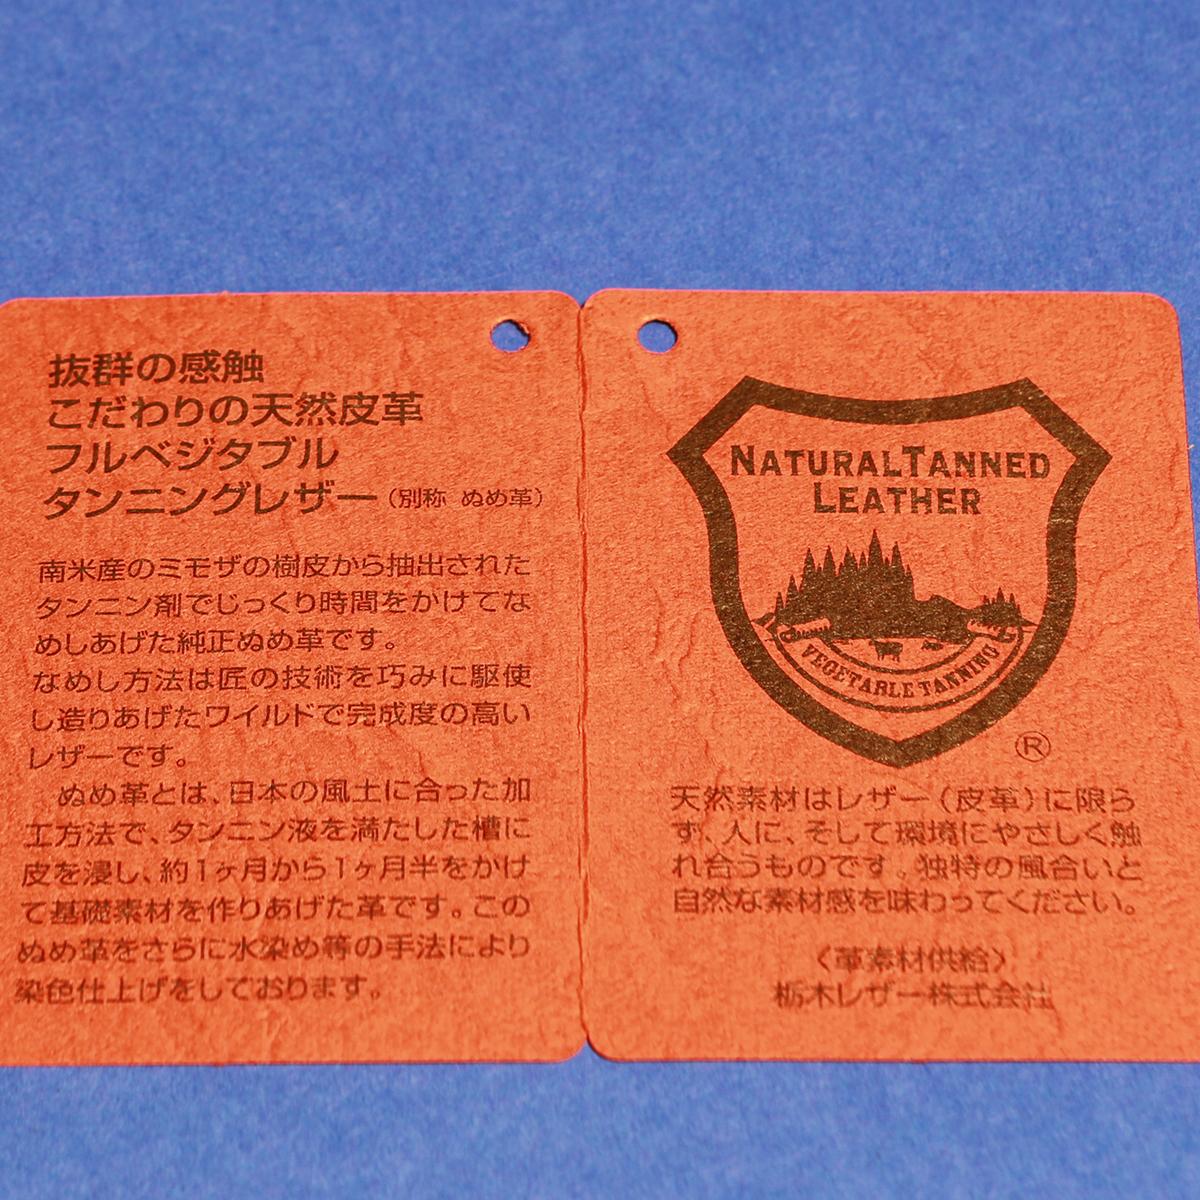 日本製 メンズ レディース ウヴァチュ OUVATU MADE IN JAPAN ウォレット 極薄 軽量 スリム ミニマムILSIDH9WE2